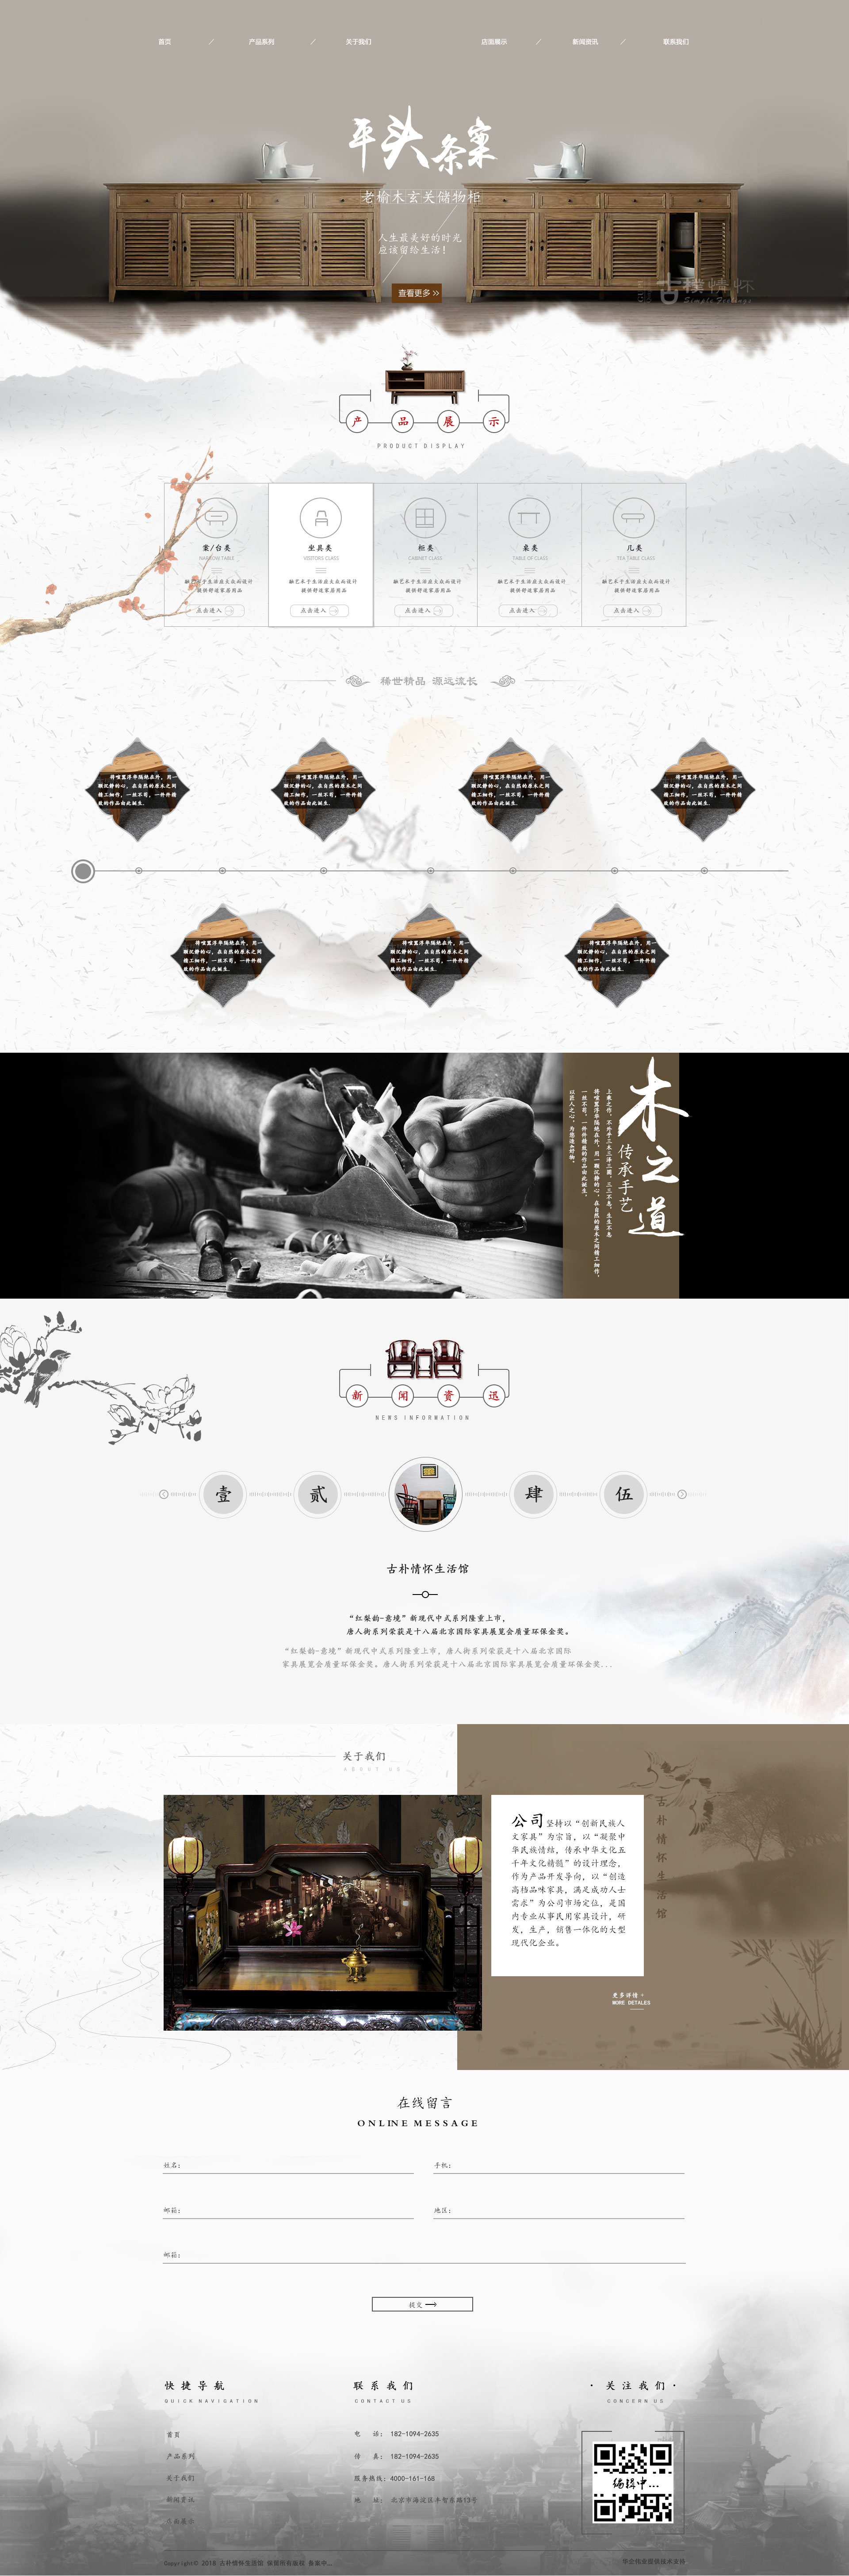 卢晓杰 多屏行业网站 中式古典家具家居 金色水墨风格.jpg